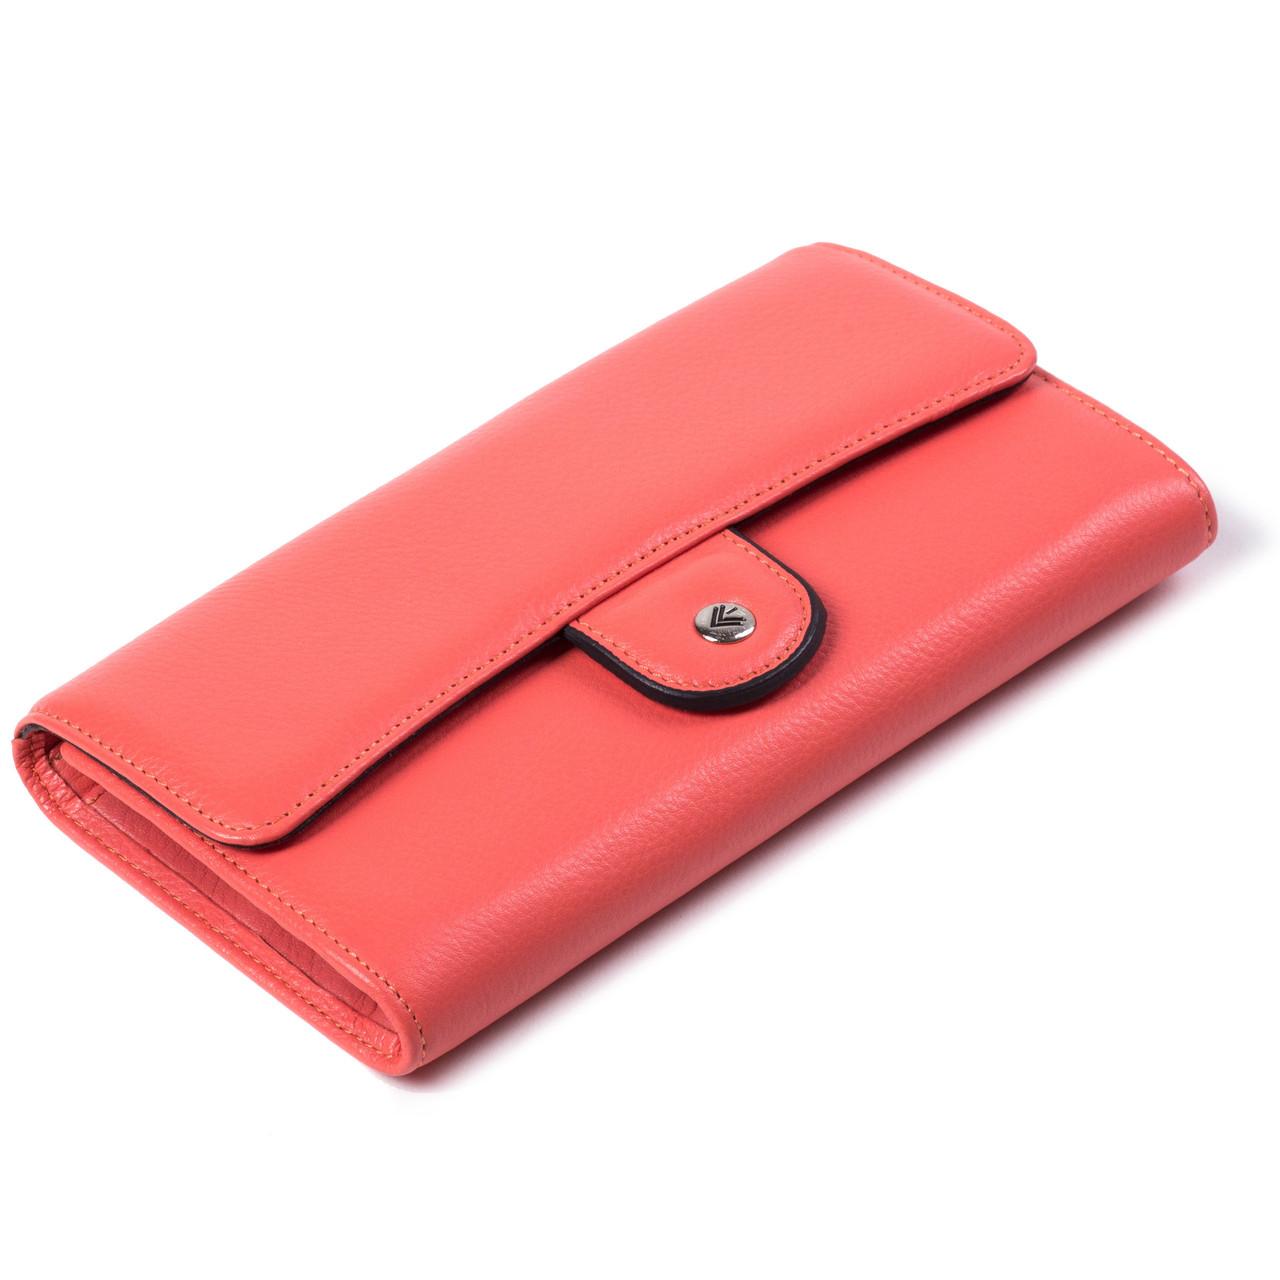 Женский кошелек кожаный коралловый Eminsa 2096-12-25